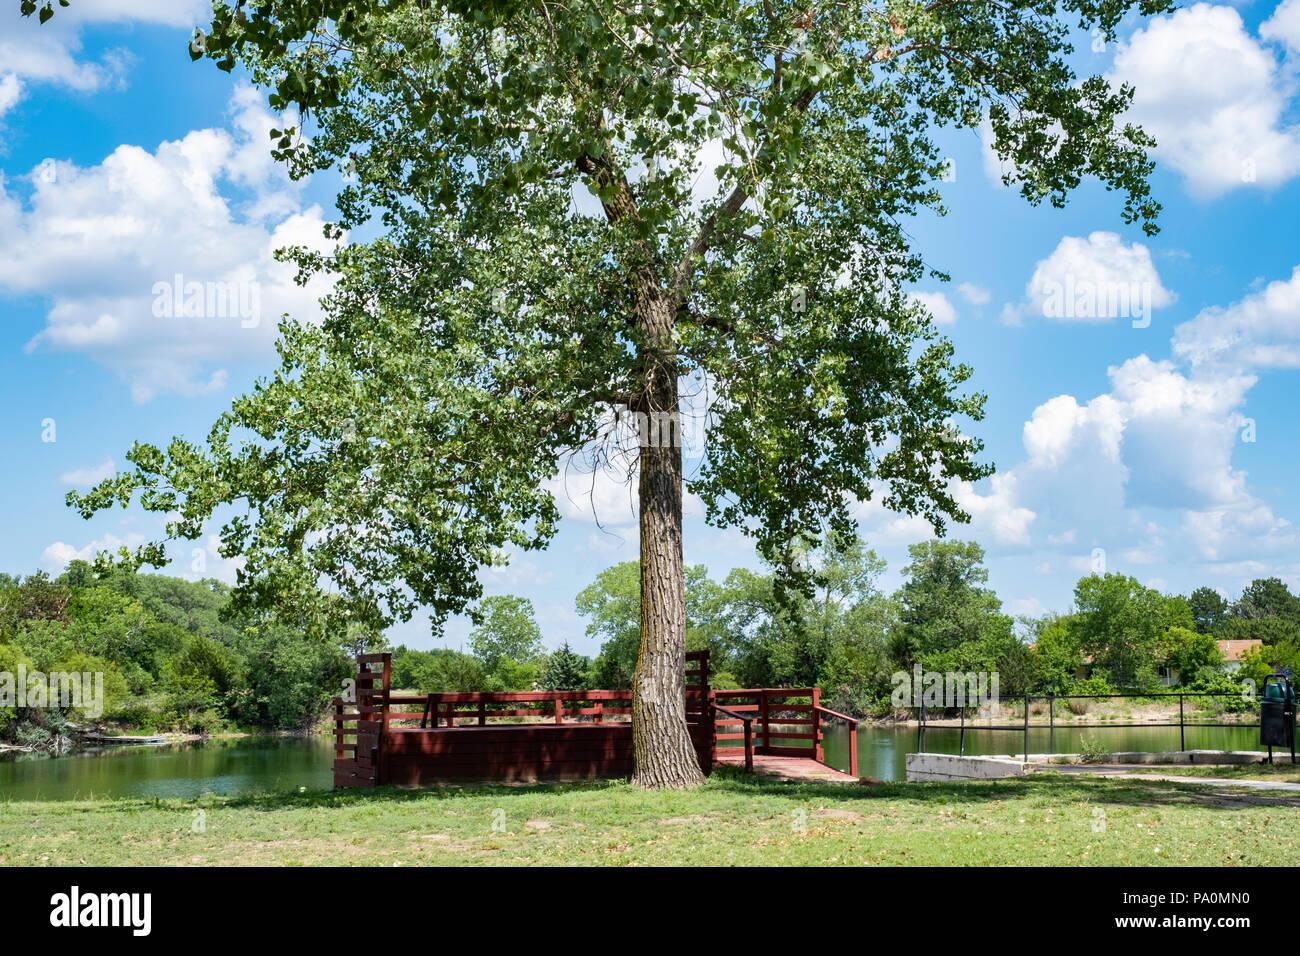 Populus Deltoides Imágenes De Stock & Populus Deltoides Fotos De ...